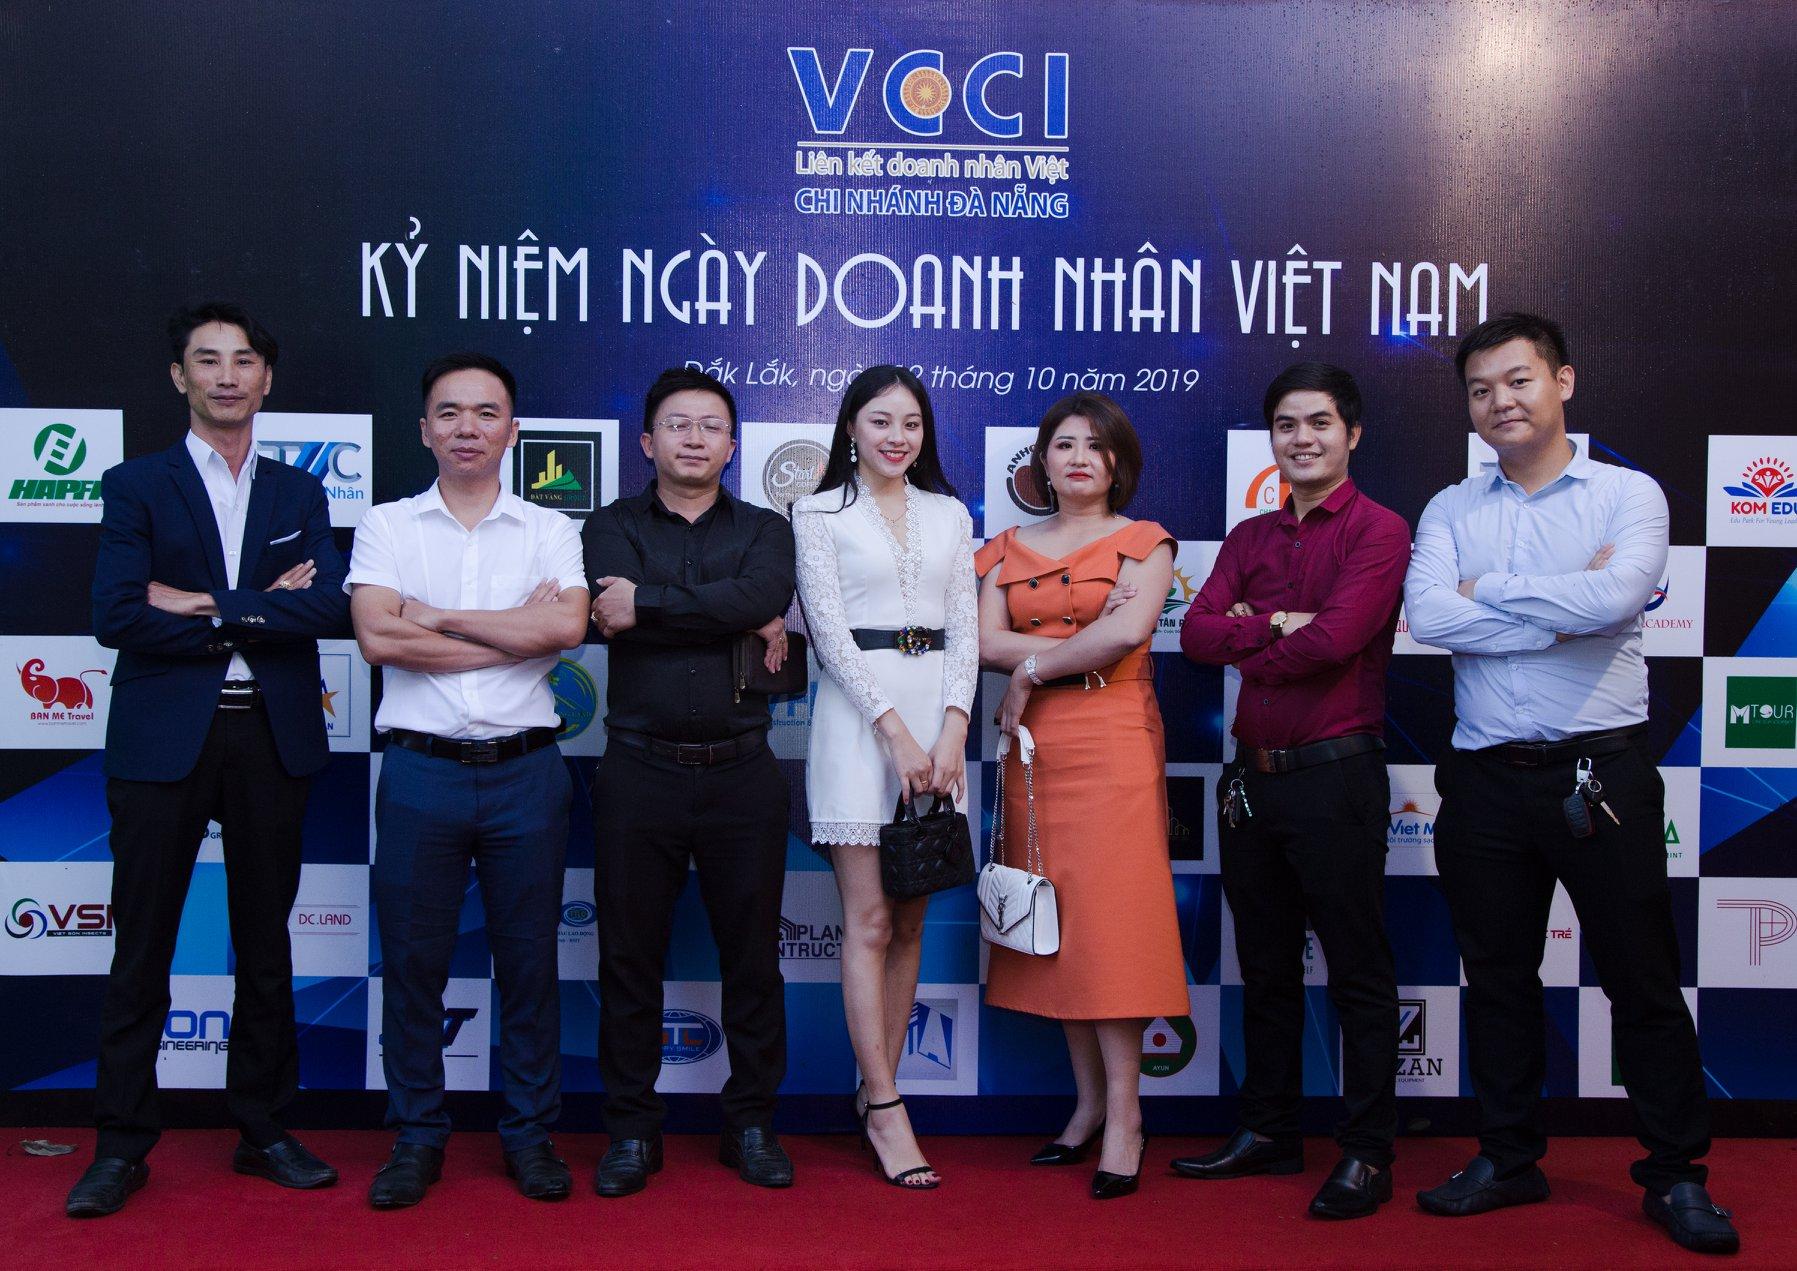 Quan khách tham dự kỷ niệm ngày doanh nhân Việt Nam